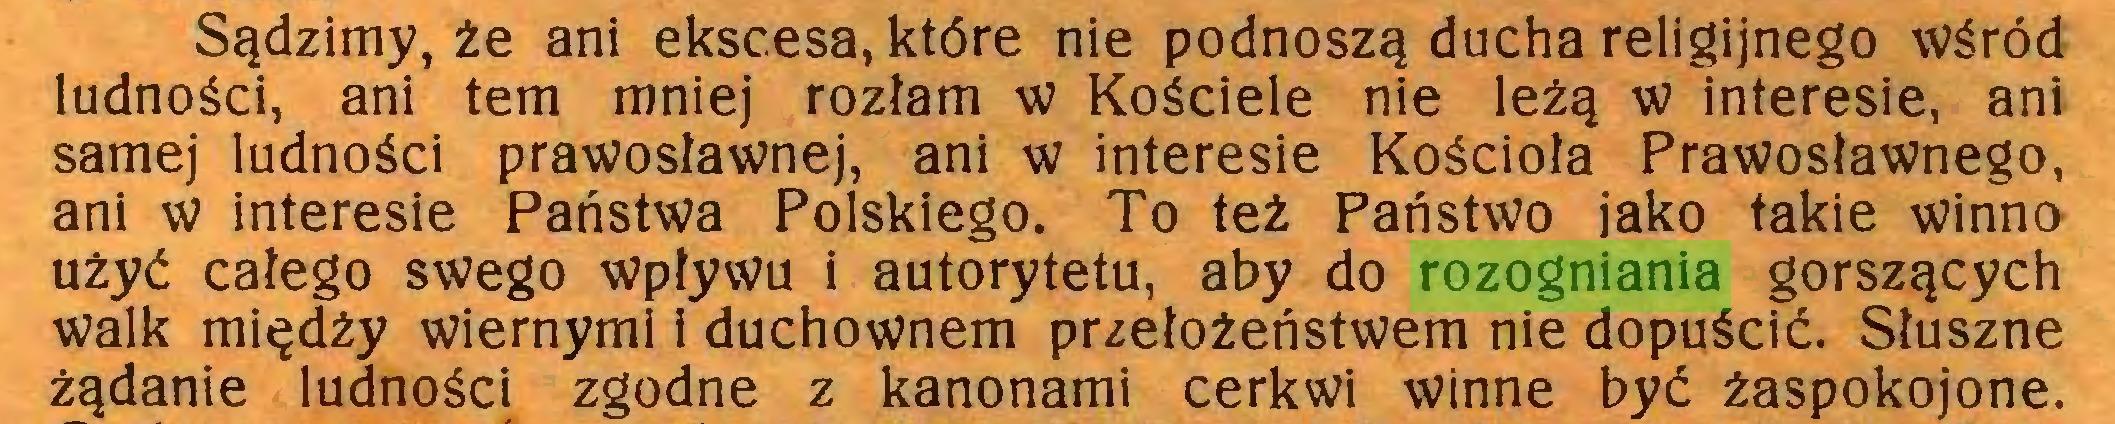 (...) Sądzimy, że ani ekscesa, które nie podnoszą ducha religijnego wśród ludności, ani tern mniej rozłam w Kościele nie leżą w interesie, ani samej ludności prawosławnej, ani w interesie Kościoła Prawosławnego, ani w interesie Państwa Polskiego. To też Państwo jako takie winno użyć całego swego wpływu i autorytetu, aby do rozogniania gorszących walk międży wiernymi i duchownem przełożeństwem nie dopuścić. Słuszne żądanie ludności zgodne z kanonami cerkwi winne być żaspokojone...